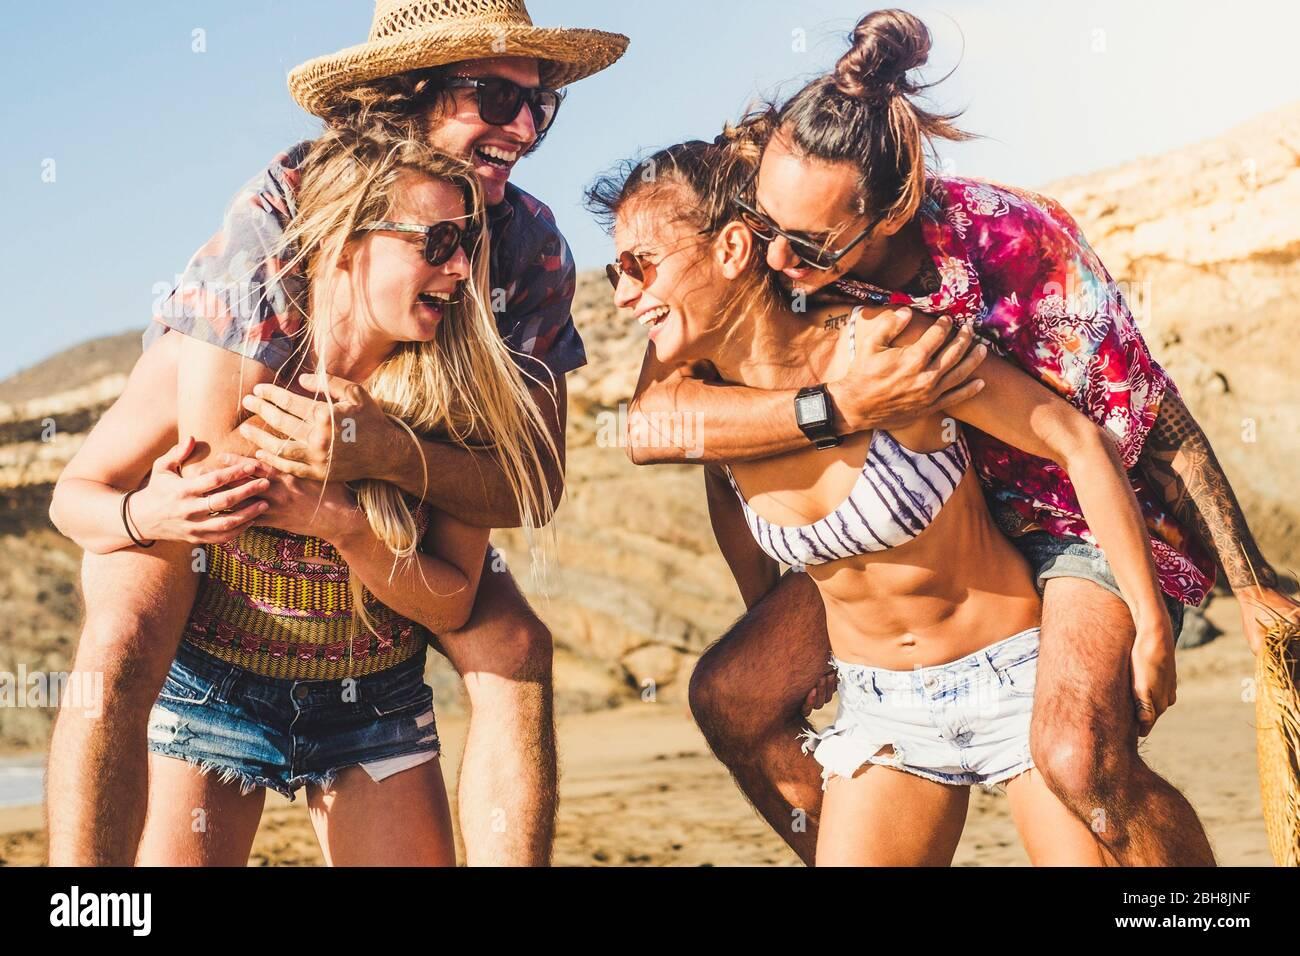 Joyeux groupe de gens amis rigolent beaucoup en plein air à la plage - vacances d'été concept avec des femmes transportant des hommes - soleil et style de vie drôle pour le millénaires alternatif - bel endroit de villégiature Banque D'Images